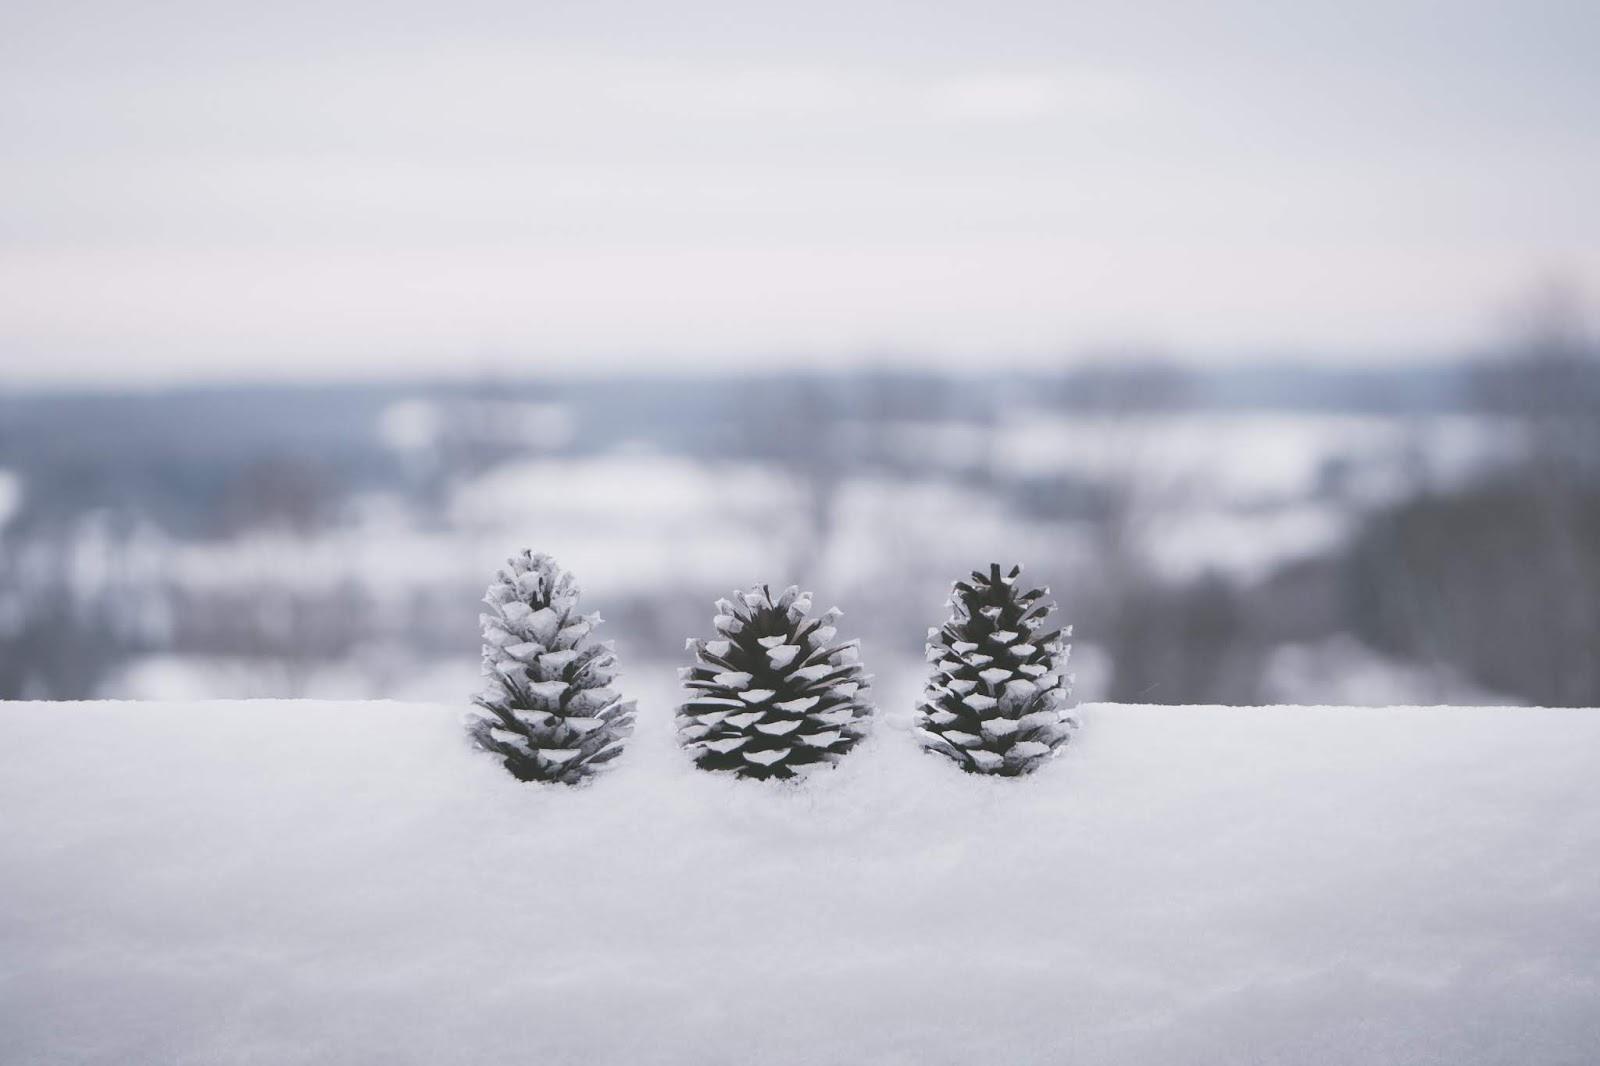 trois pommes de pin sur un tronc enneigé devant un fond flou laissant deviner un paysage enneigé